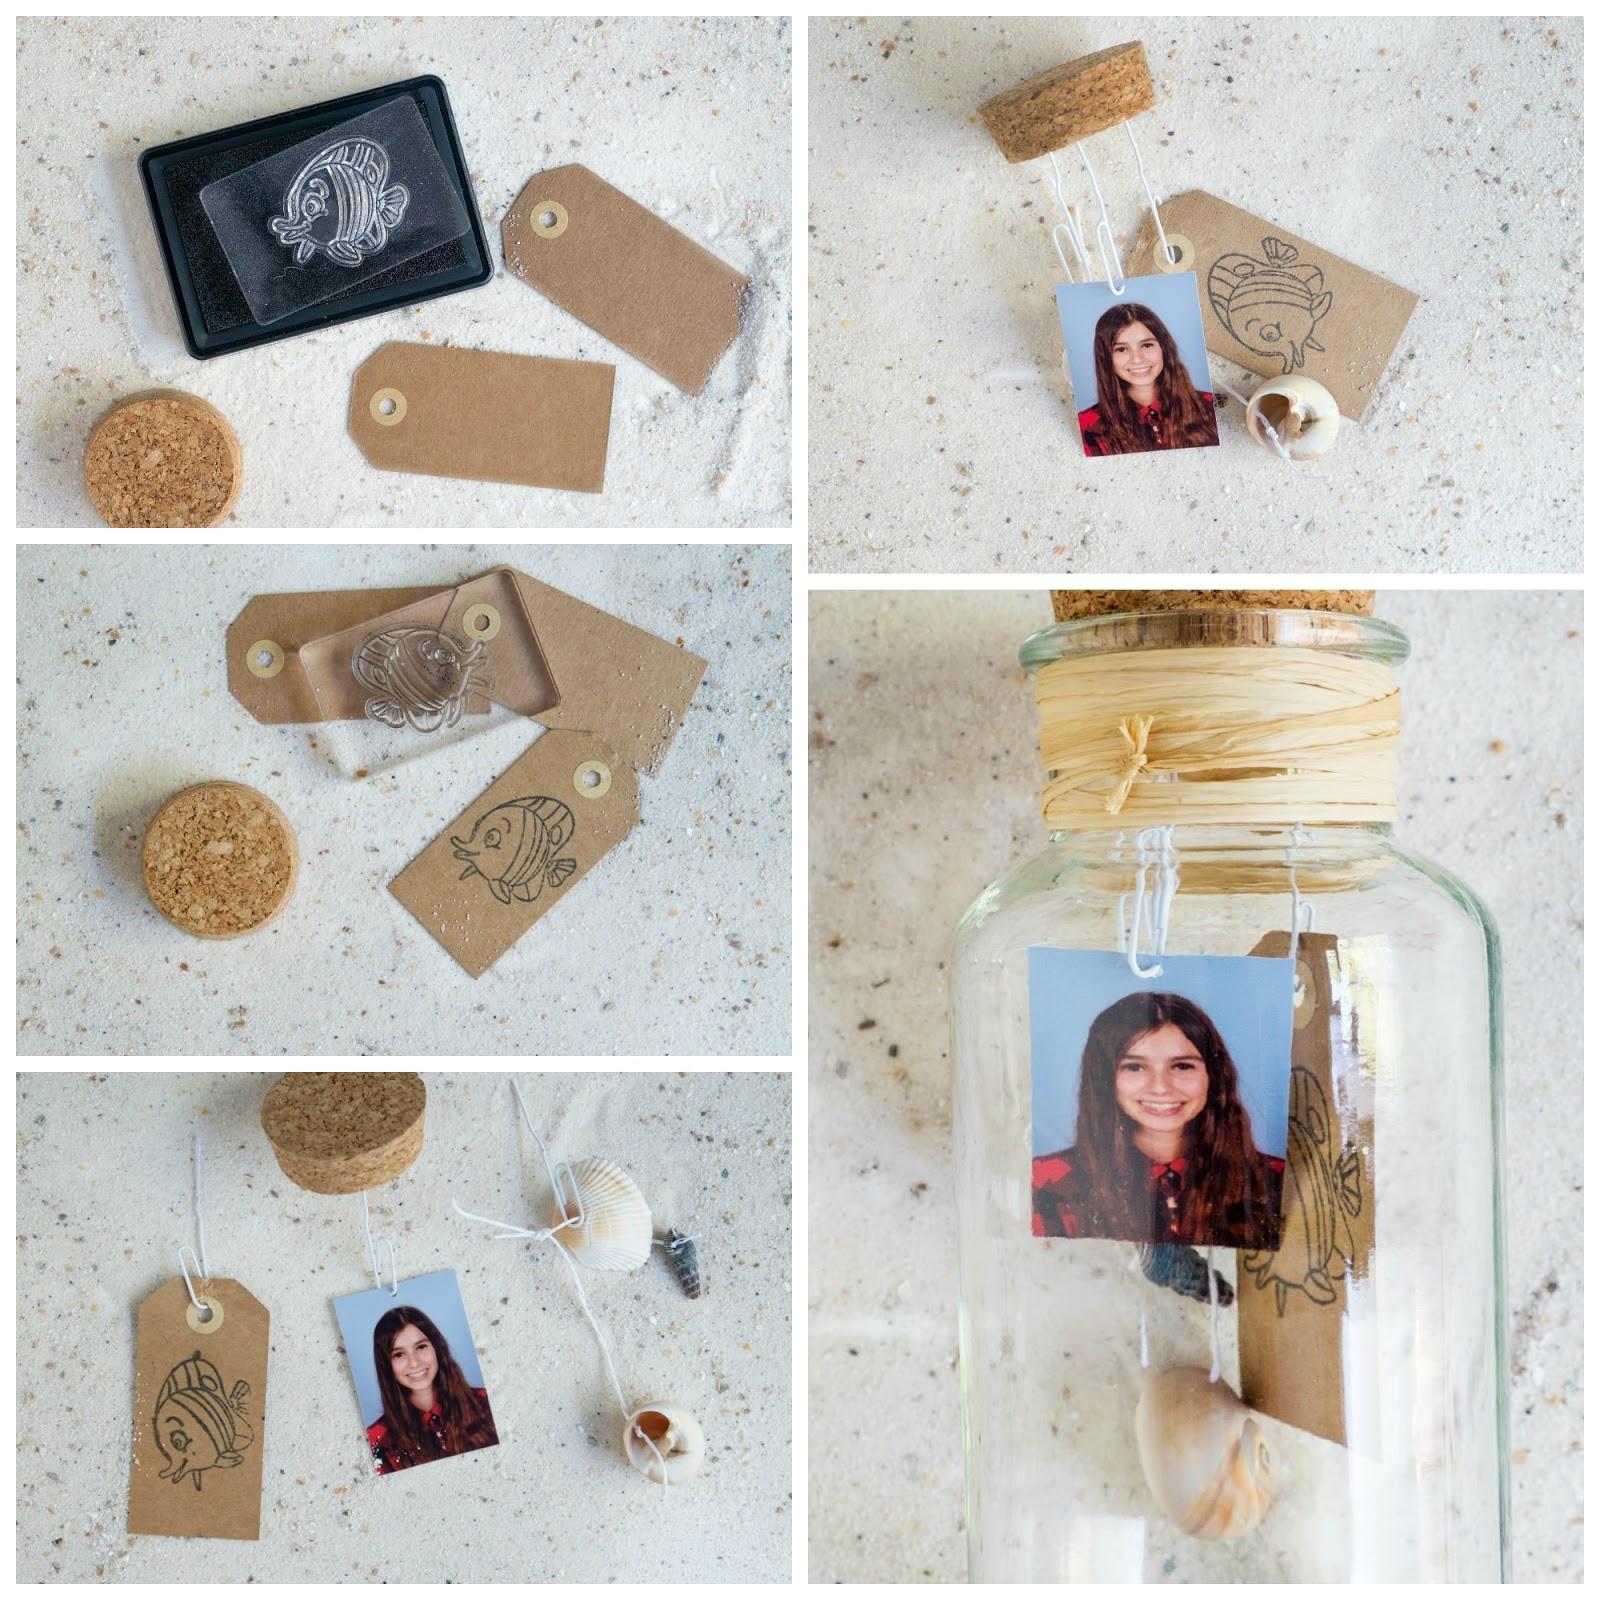 Hoe maak je foto's in een glazen pot als decoratie